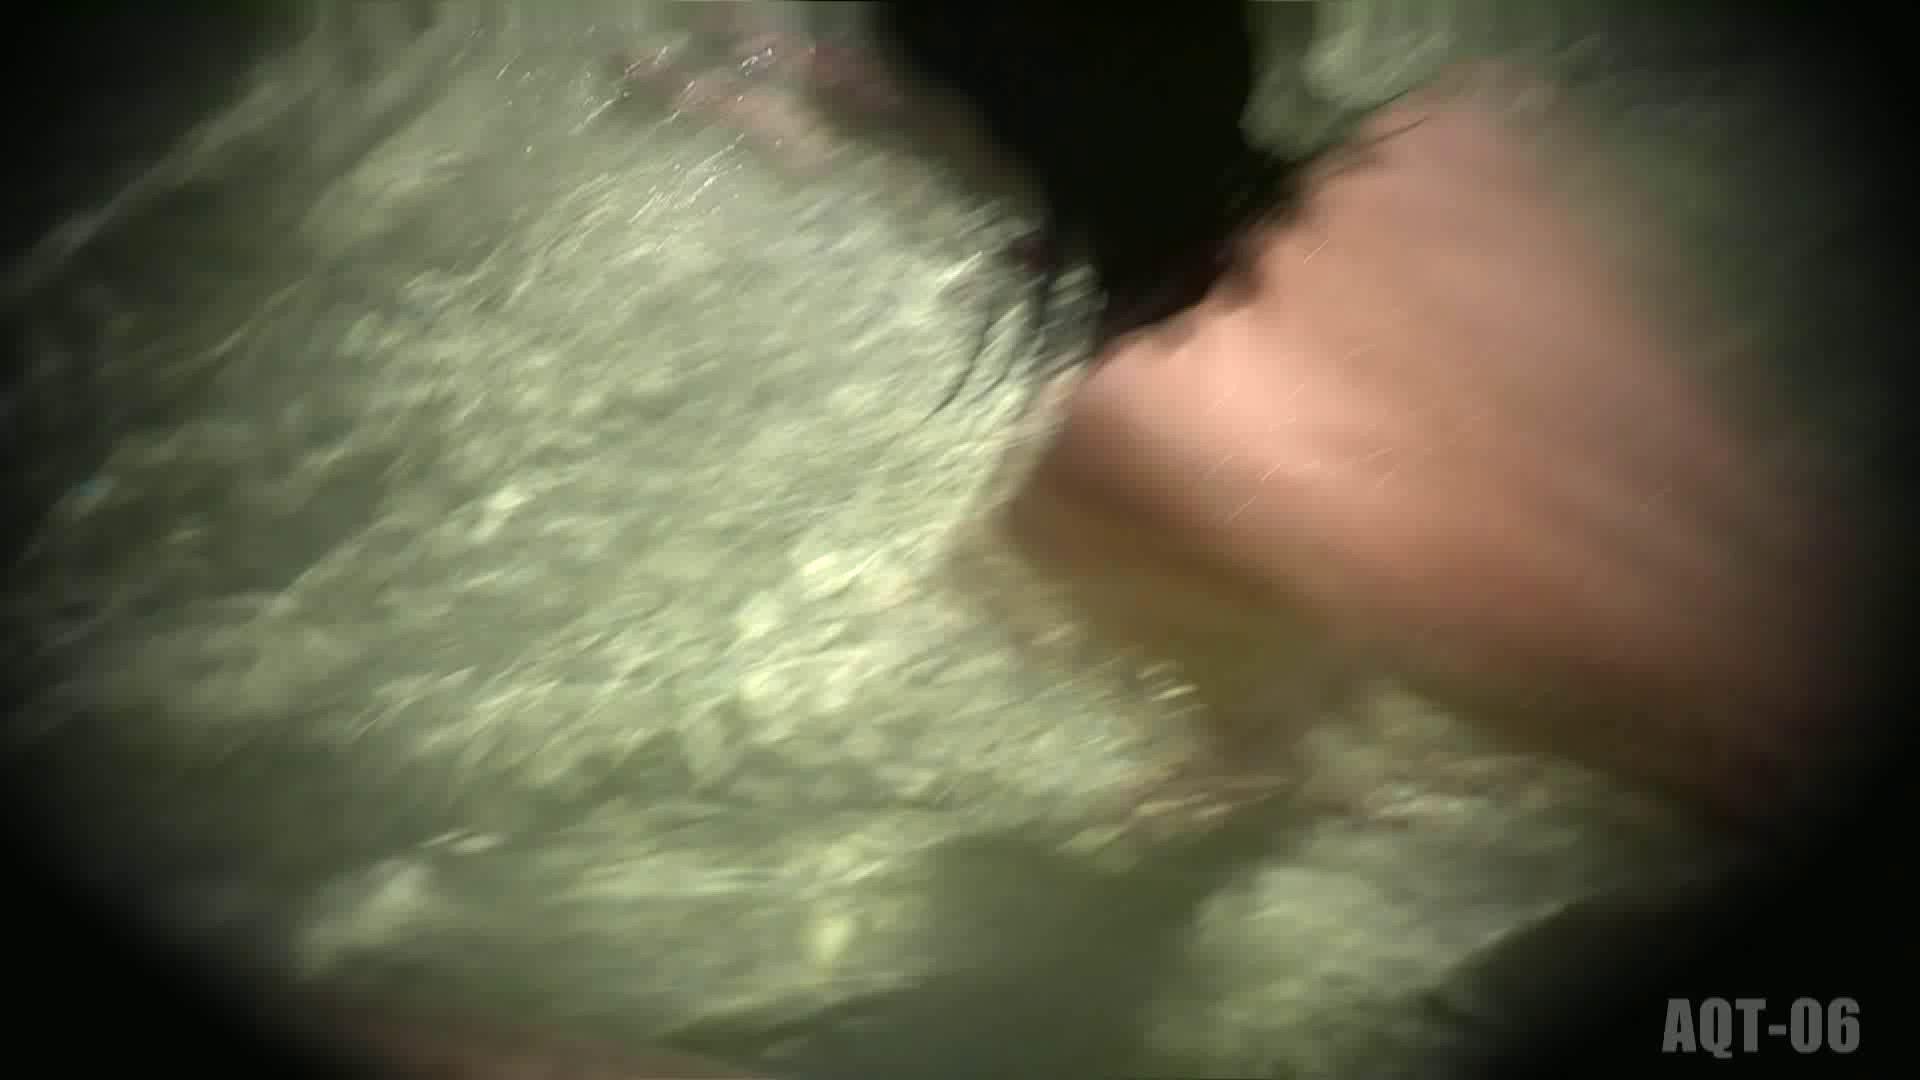 Aquaな露天風呂Vol.755 盗撮 | 露天風呂  36連発 31